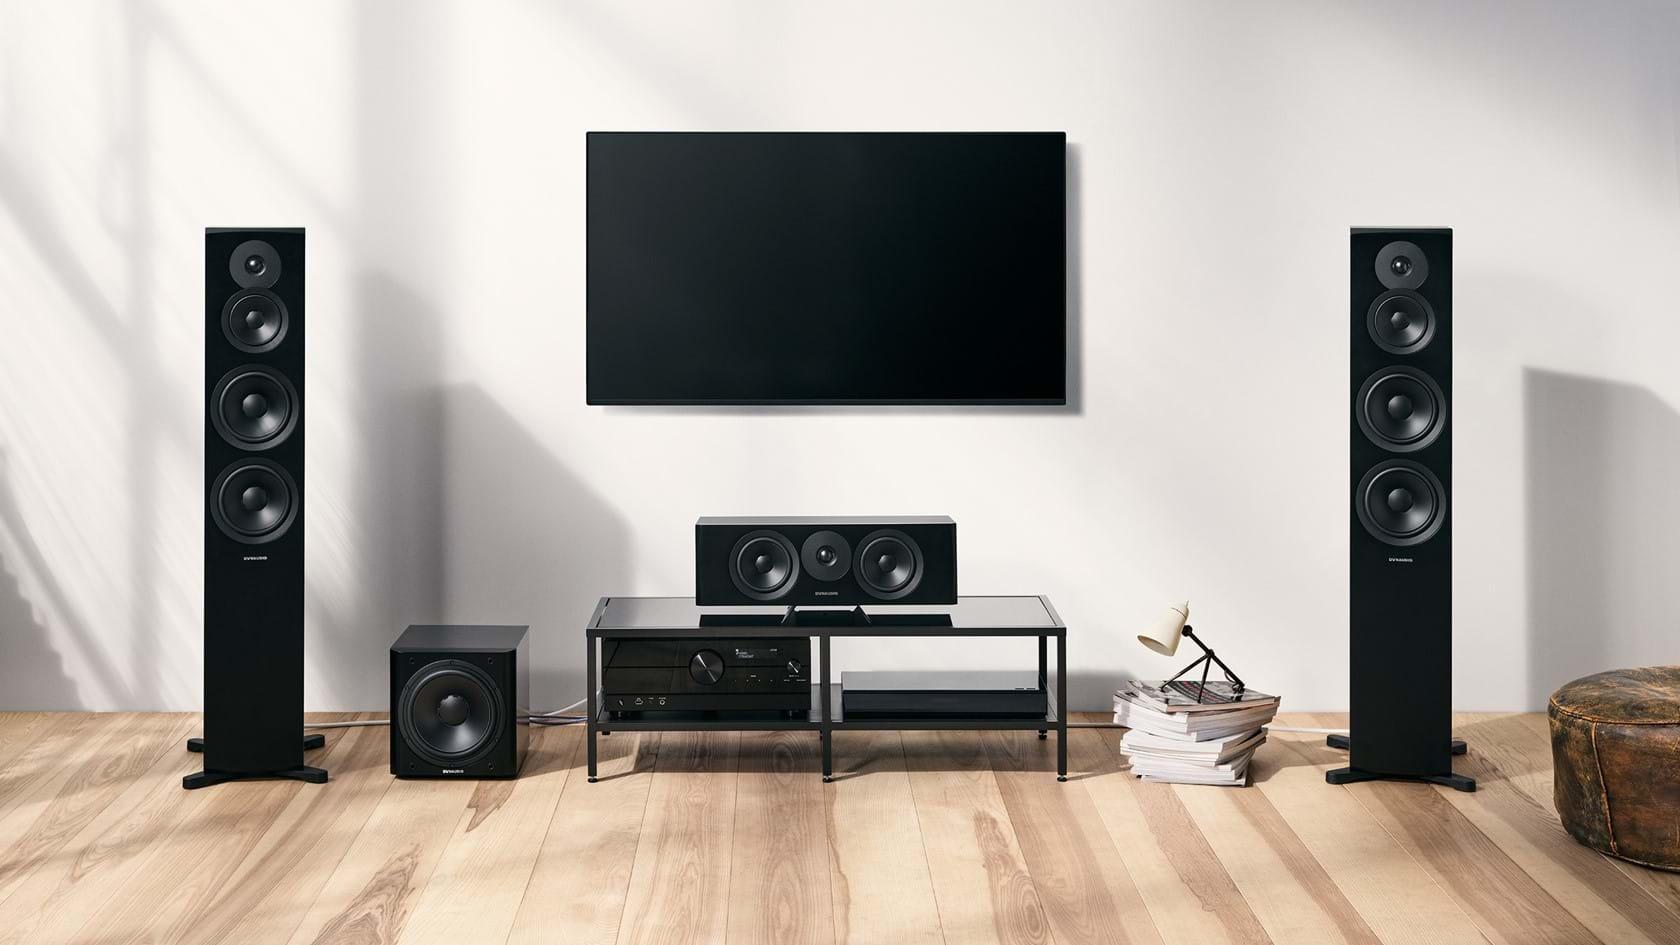 Dynaudio выпустила обновленную серию акустических систем Emit